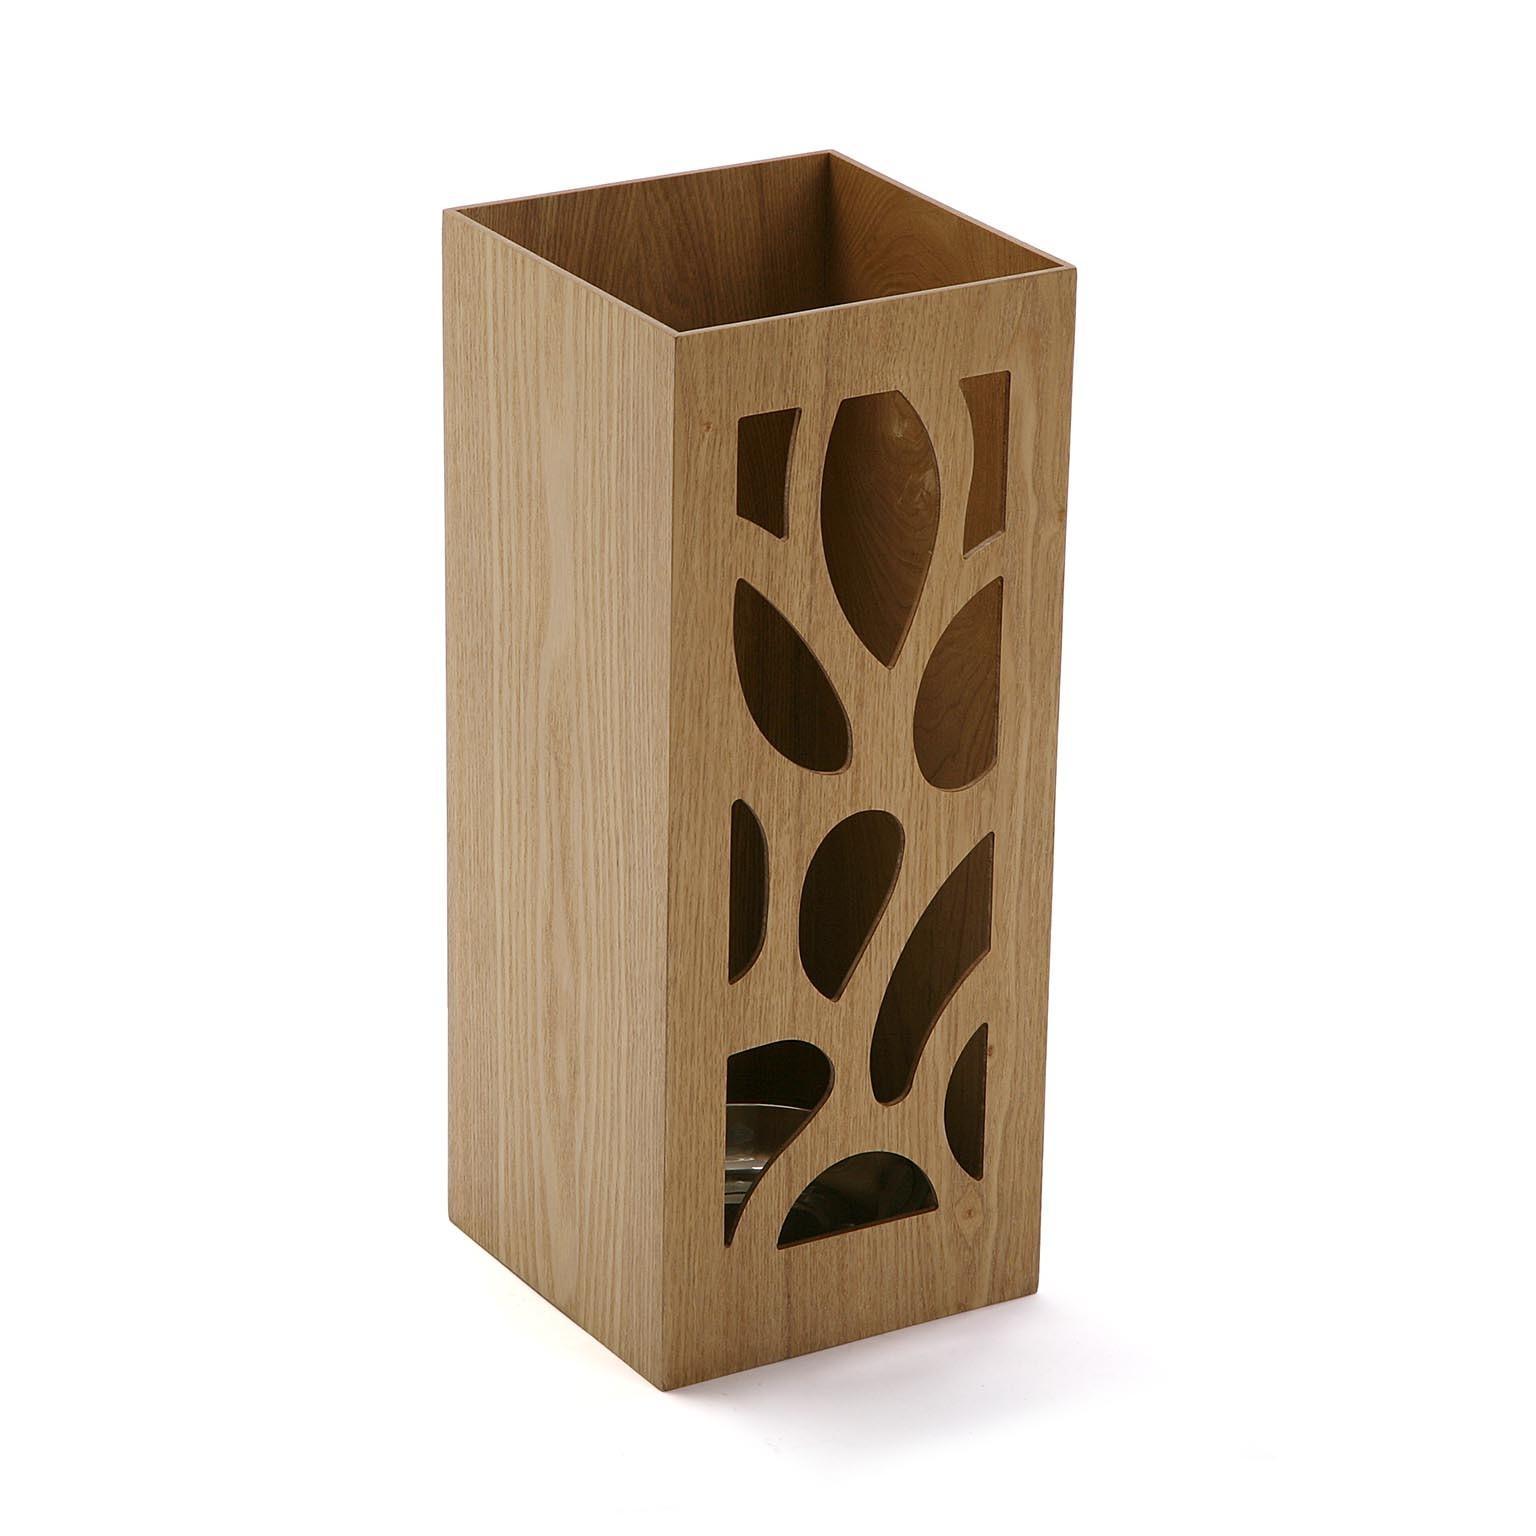 paraguero-madera-16710575calada-hojas-versa-lomejorsg.jpg